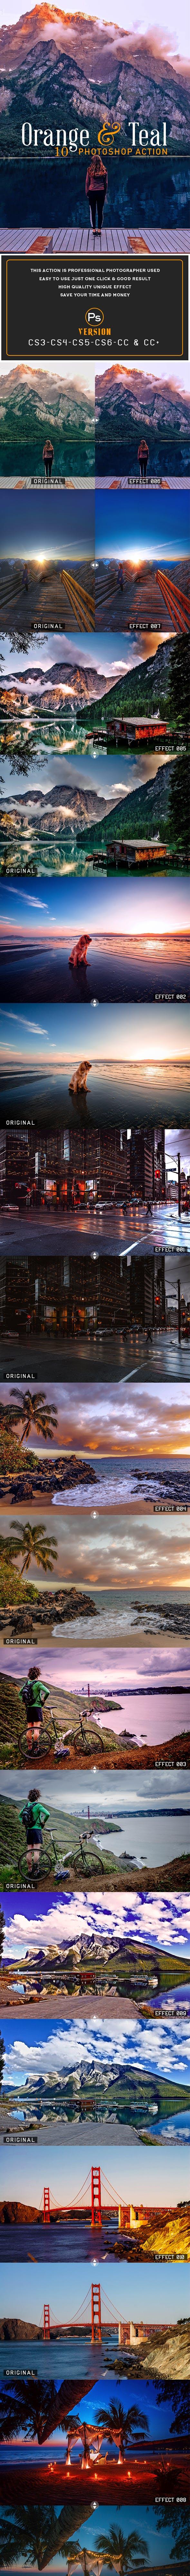 Скачать [Graphicriver] 10 Orange & Teal Photoshop Action (2019), Отзывы Складчик » Архив Складчин